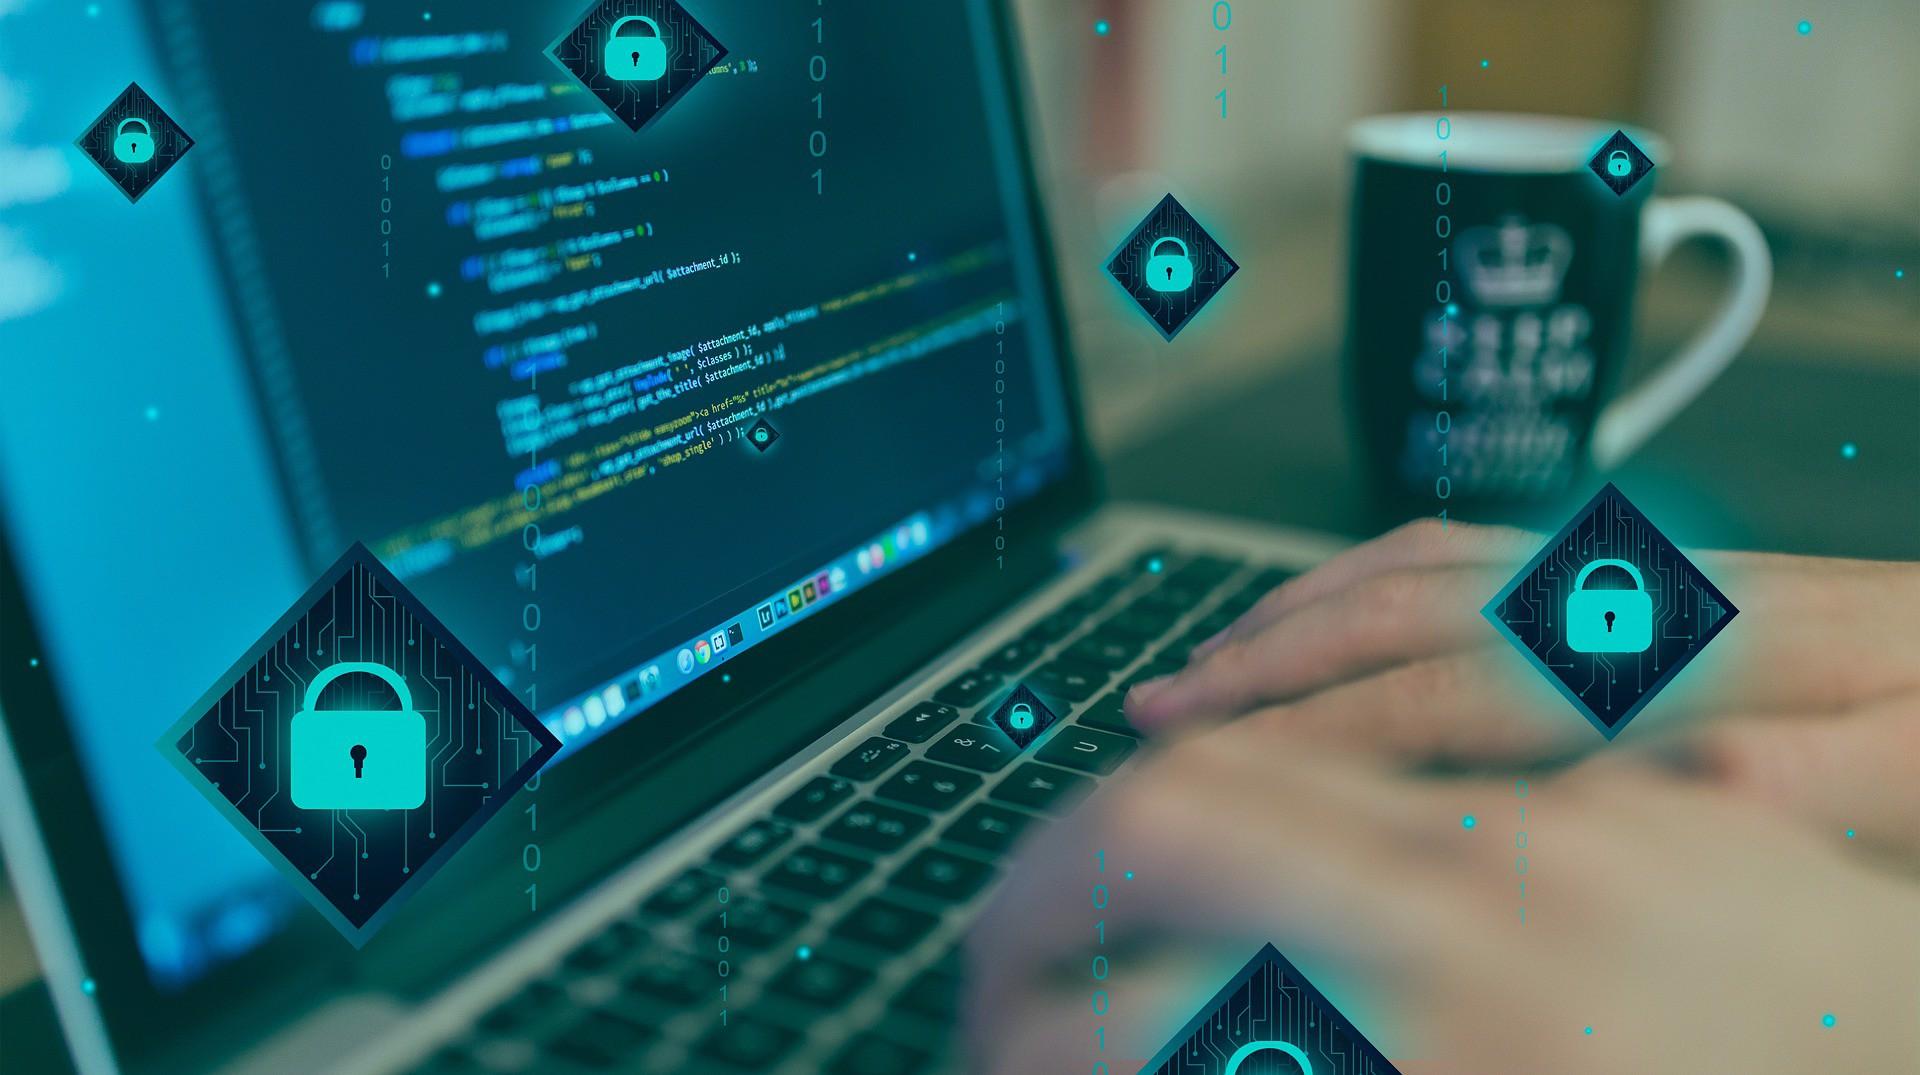 Studie: Privilegierte Konten und Zugriffe öffnen Cyber-Angreifern Tür und Tor